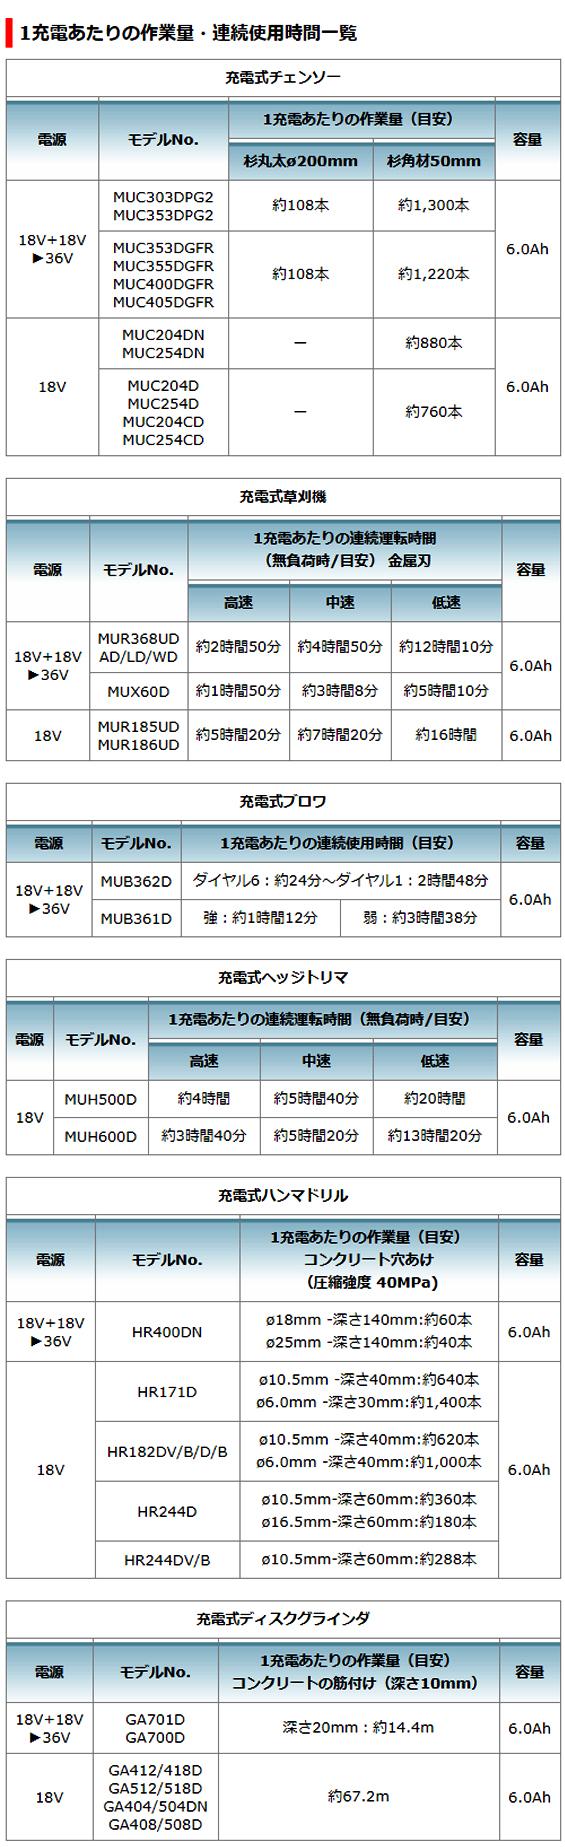 マキタ ポータブル電源ユニット  PDCO1